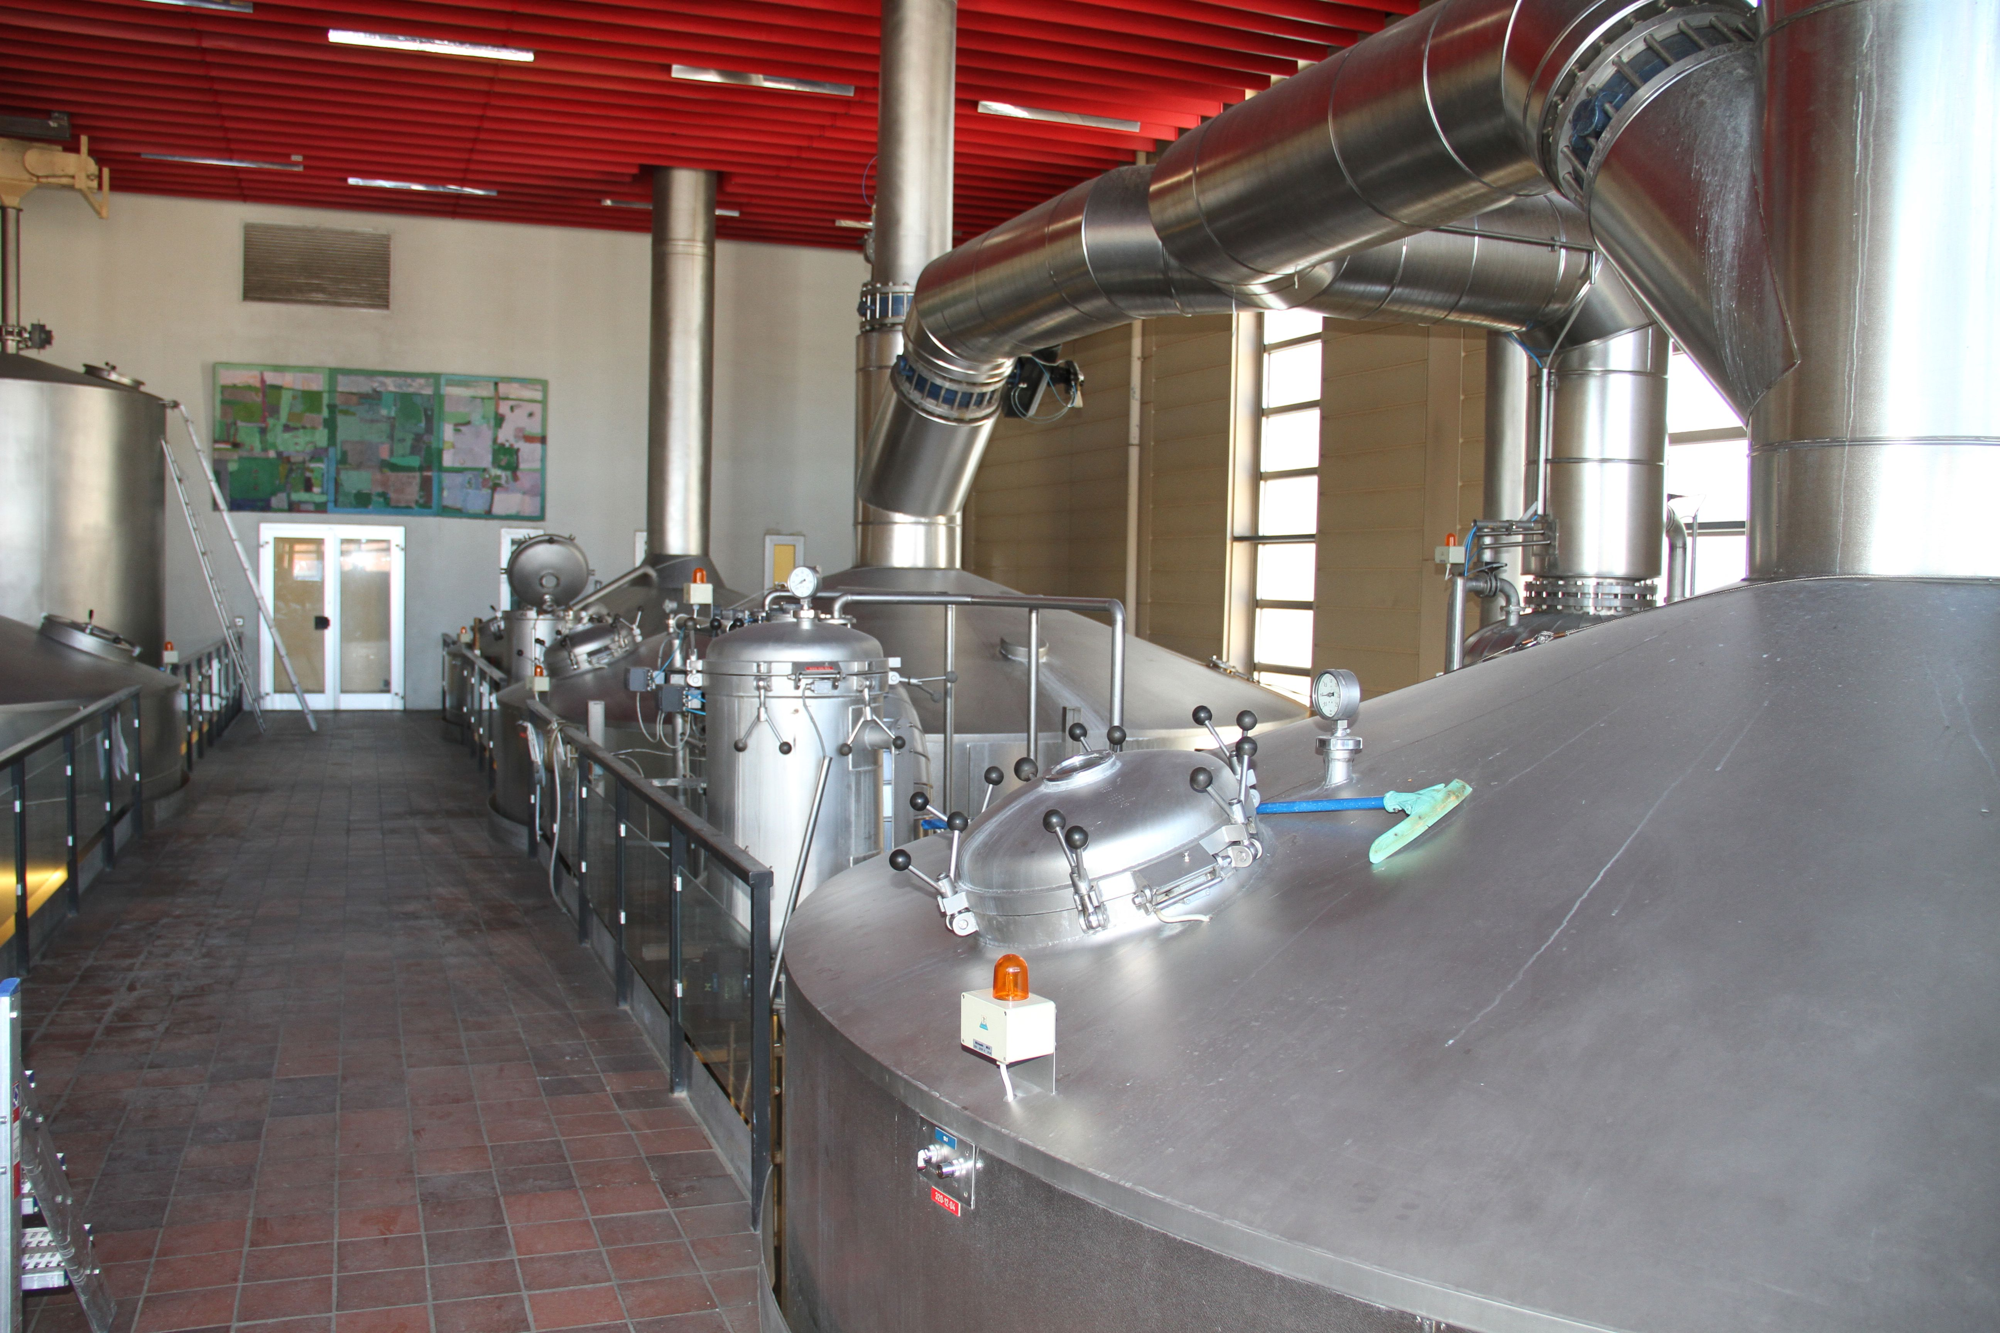 E.C. Dahls bryggeri der tyske BrauKon har levert anlegget. Bildet viser noen av tankene i anlegget.